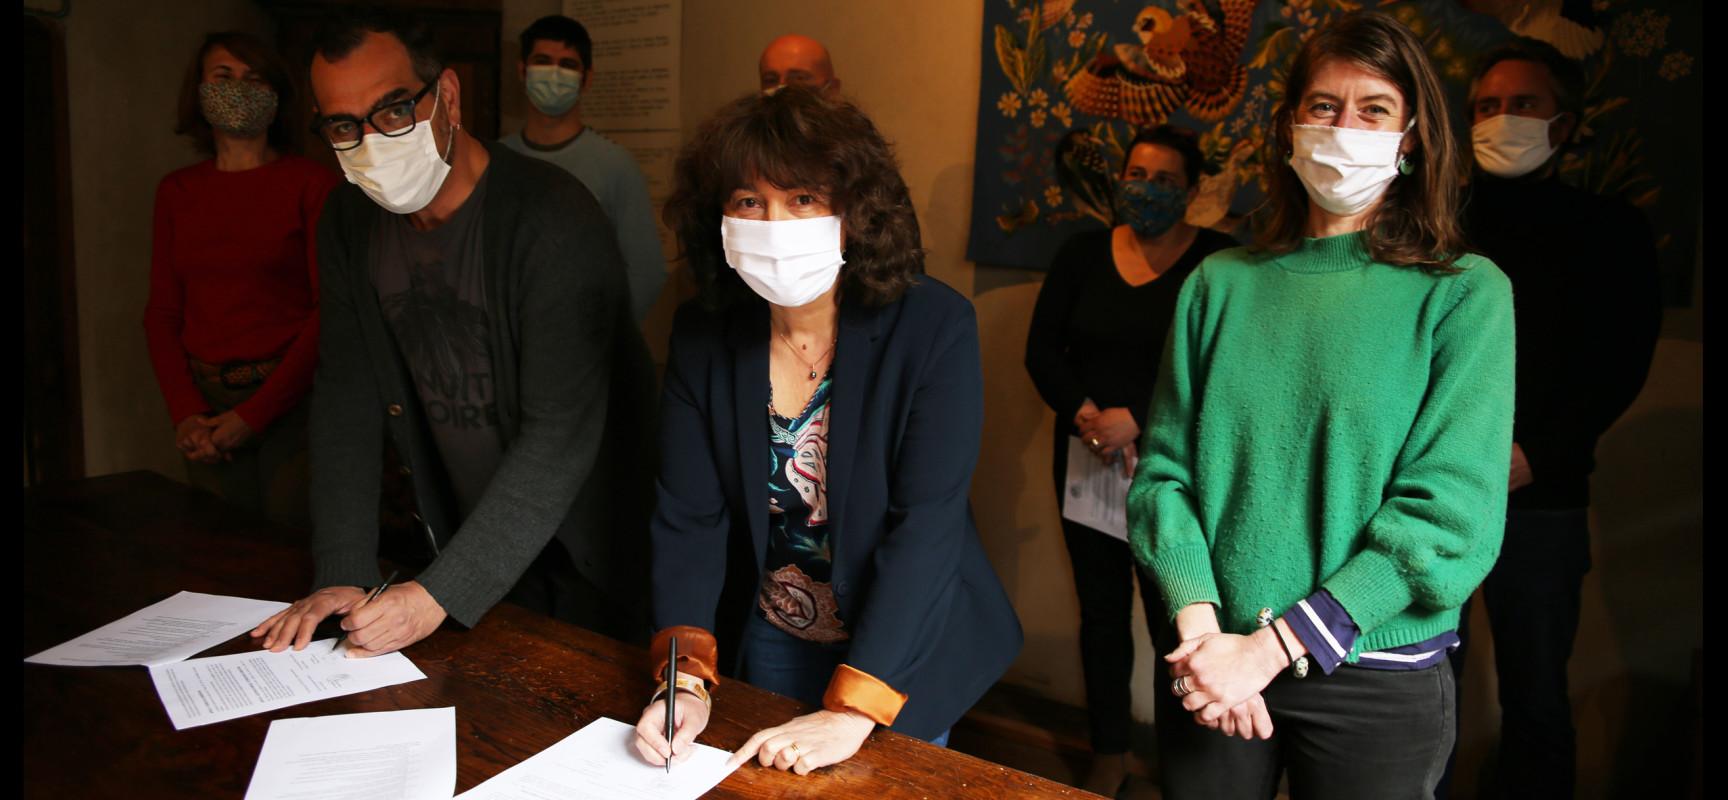 La Communauté de communes Creuse Grand Sud et l'Office de Tourisme Aubusson-Felletin ont signé une convention d'objectifs et de moyens